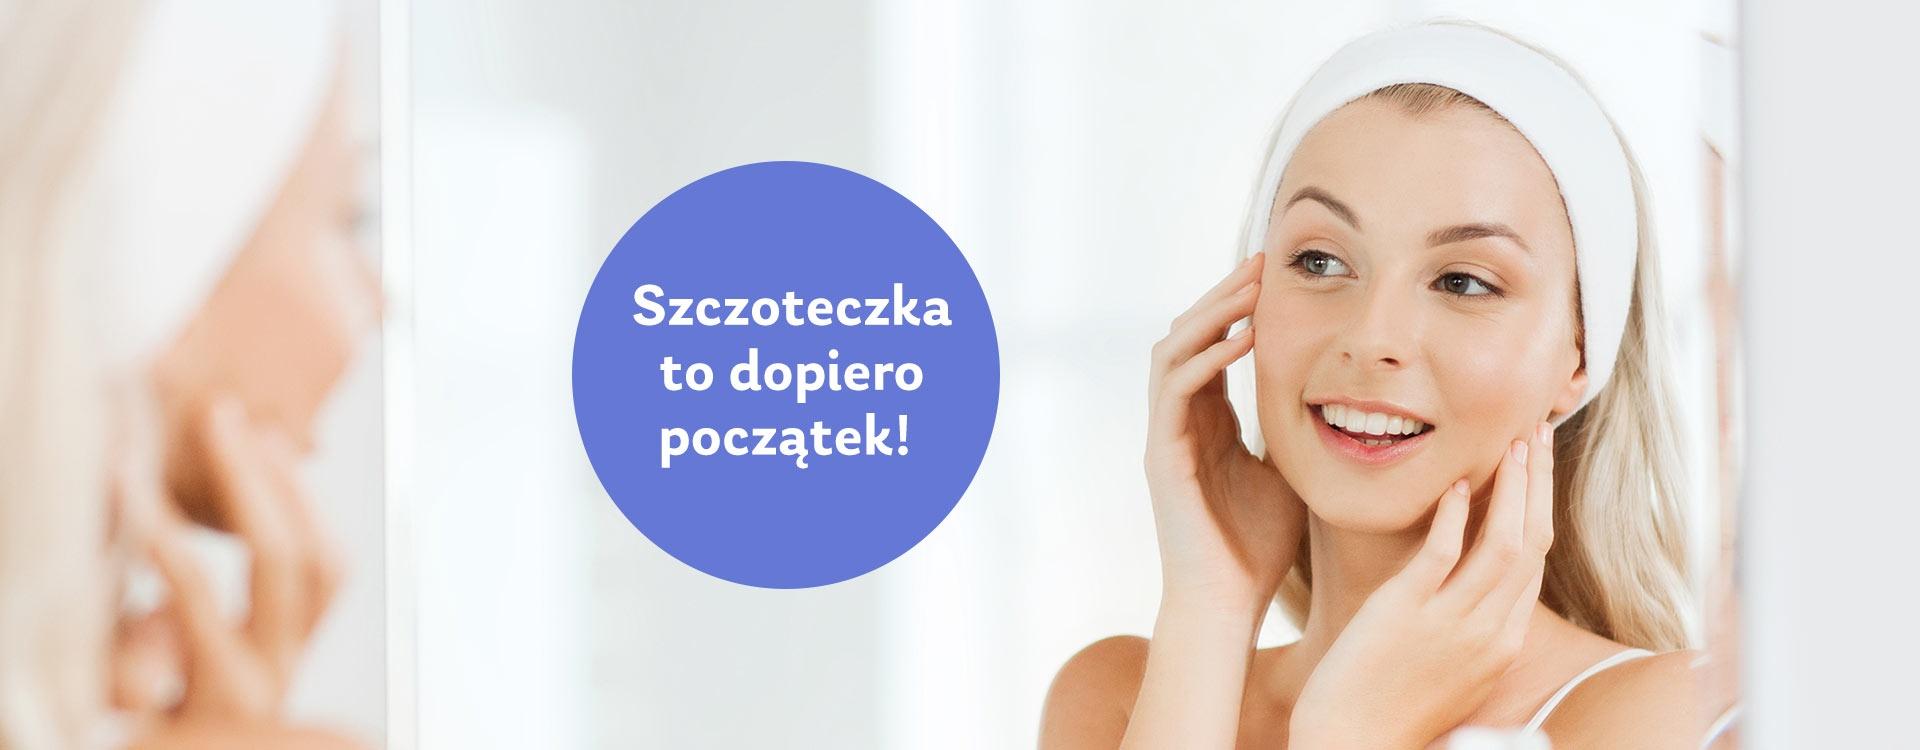 Szczoteczka do mycia twarzy to dopiero początek! Sprawdzamy, jakie jeszcze urządzenia warto mieć!